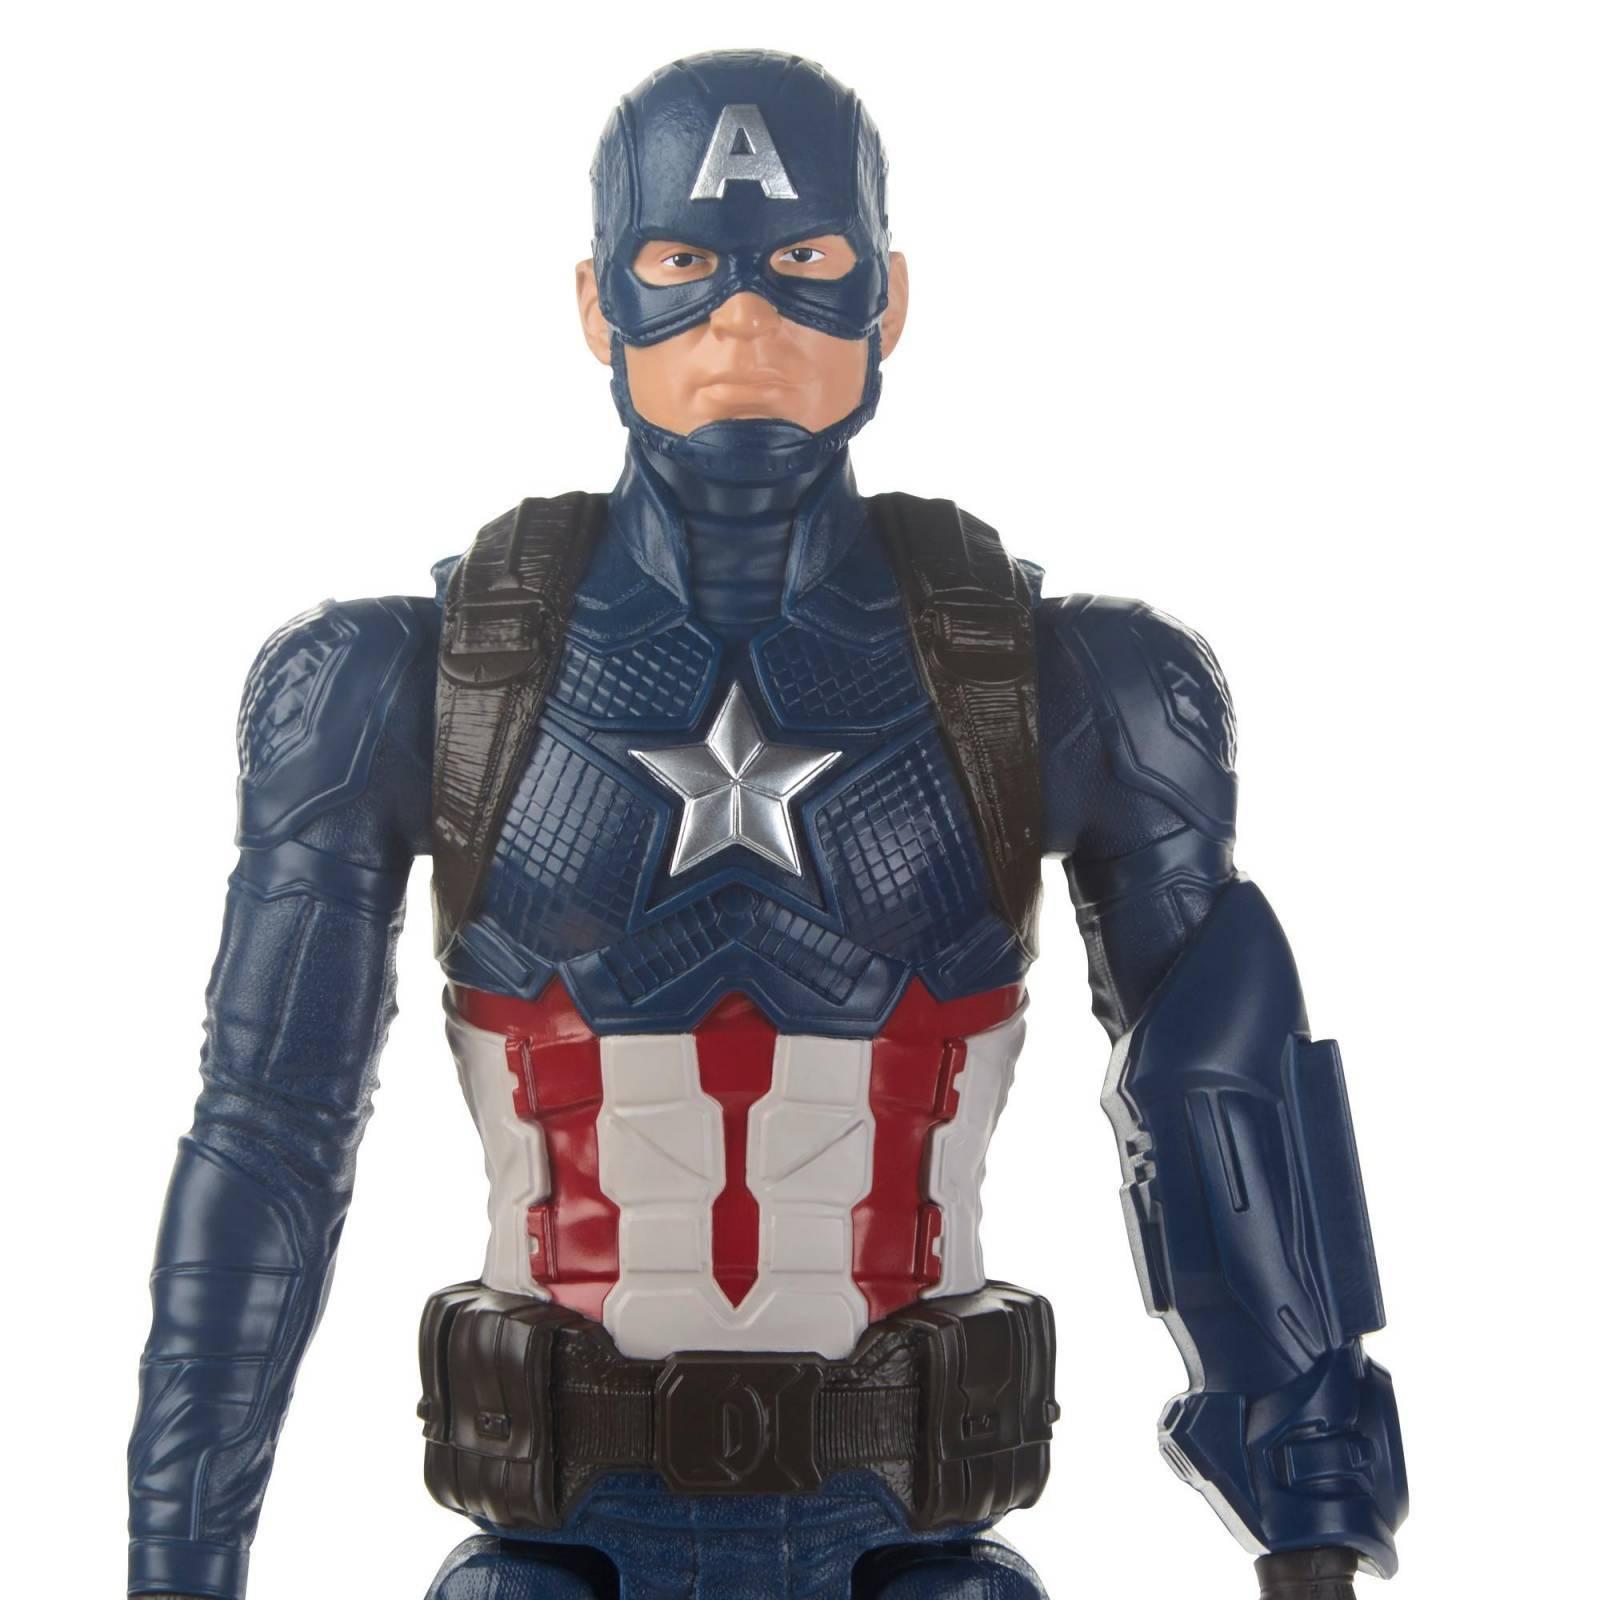 Pack Vingadores Ultimato Boneco Homem de Ferro com Dispositivo Power Fx E3298 + Boneco Capitão América  E3919 - Hasbro